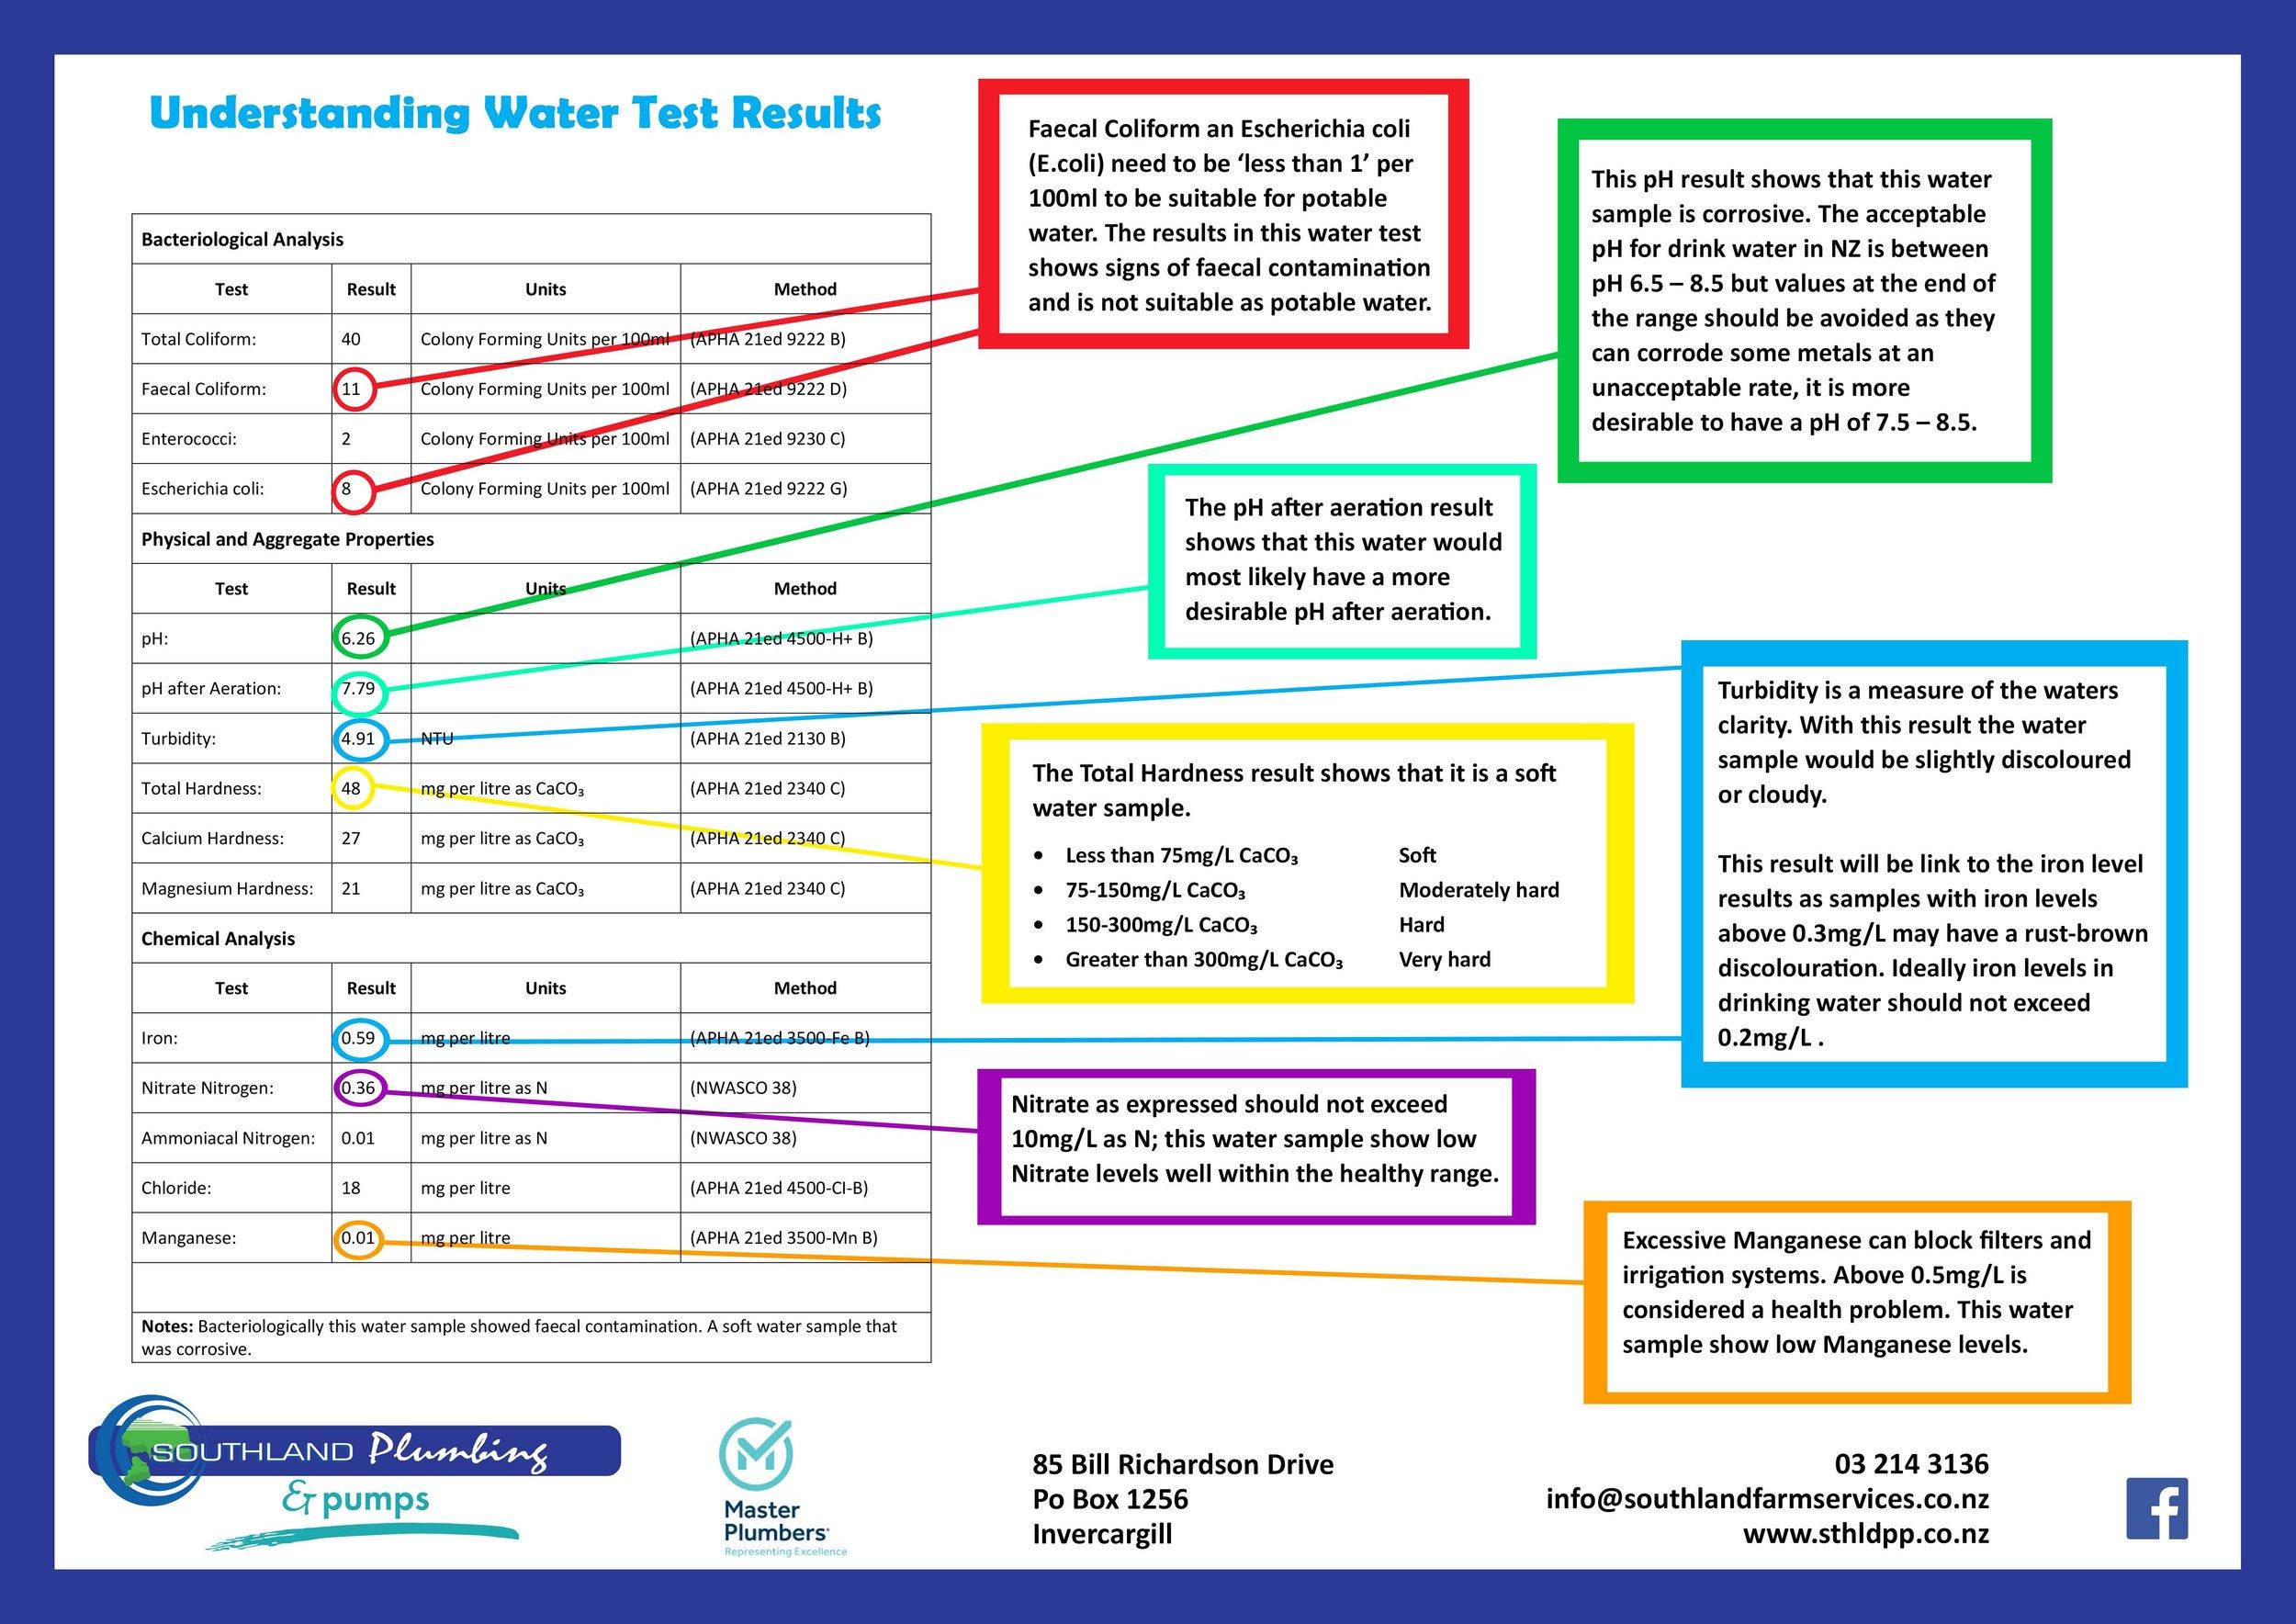 Understanding a Water Test - Poster A3 Land.jpg